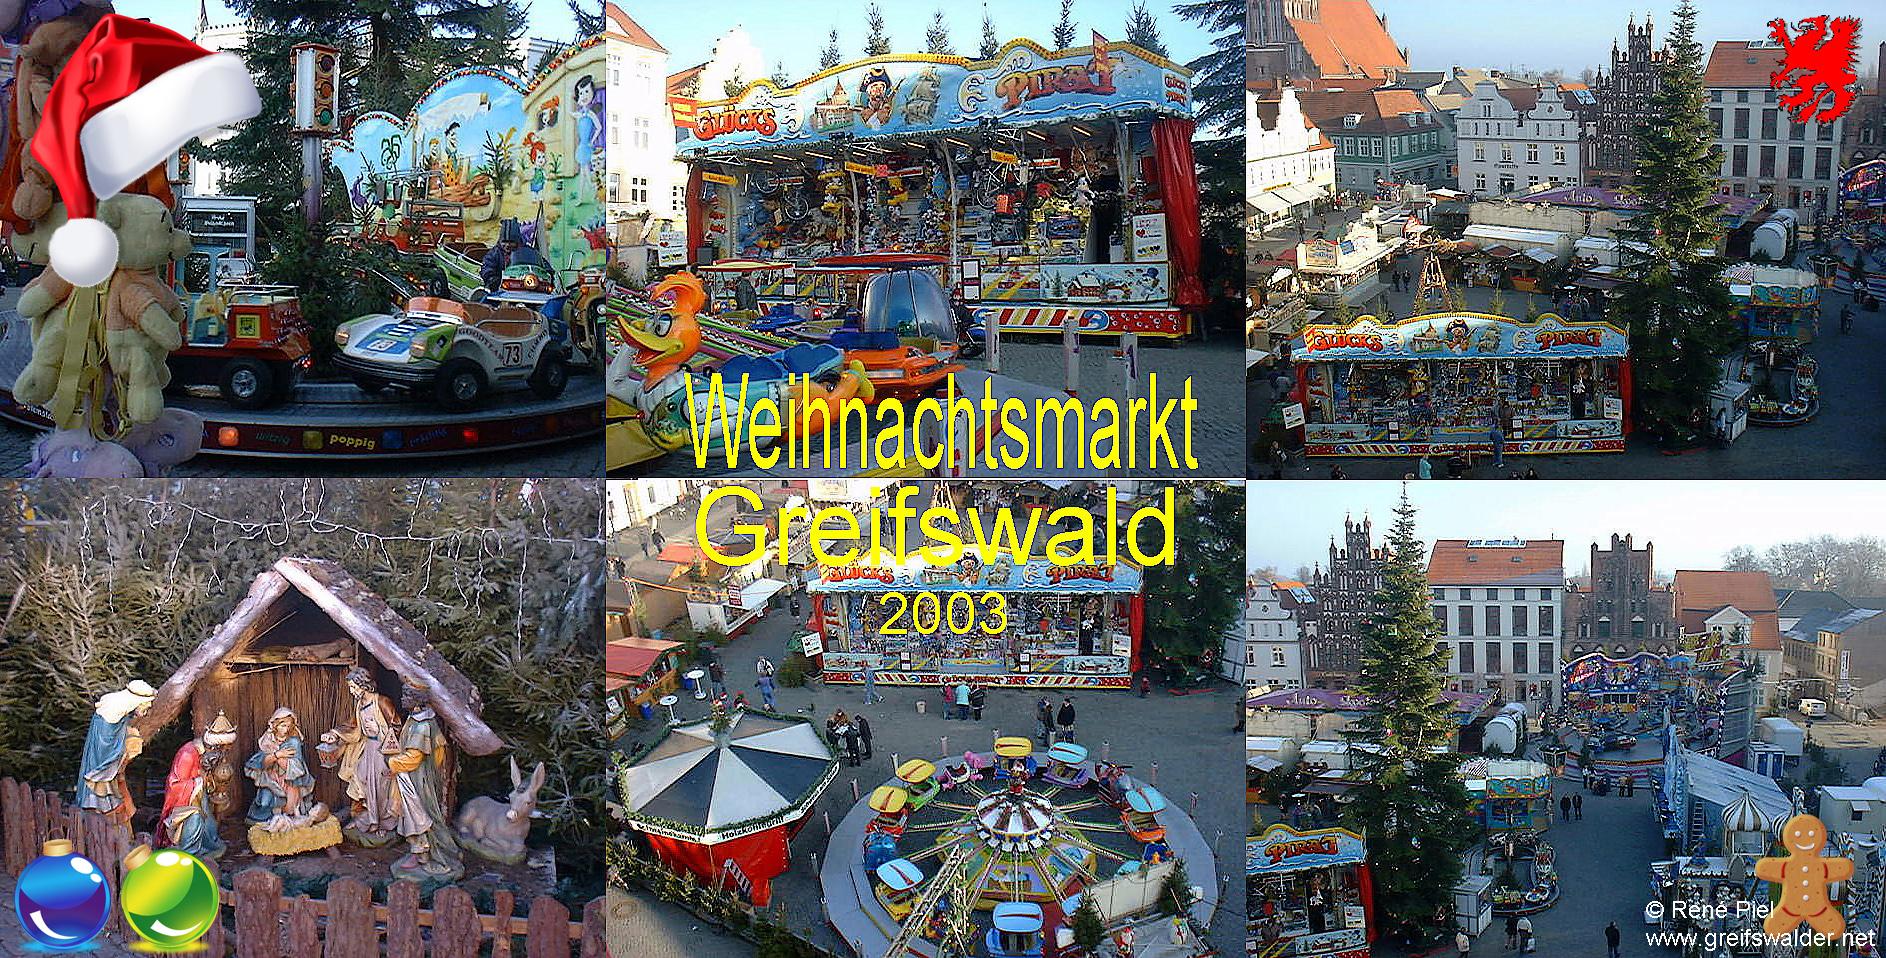 Weihnachtsmarkt Greifswald 2003